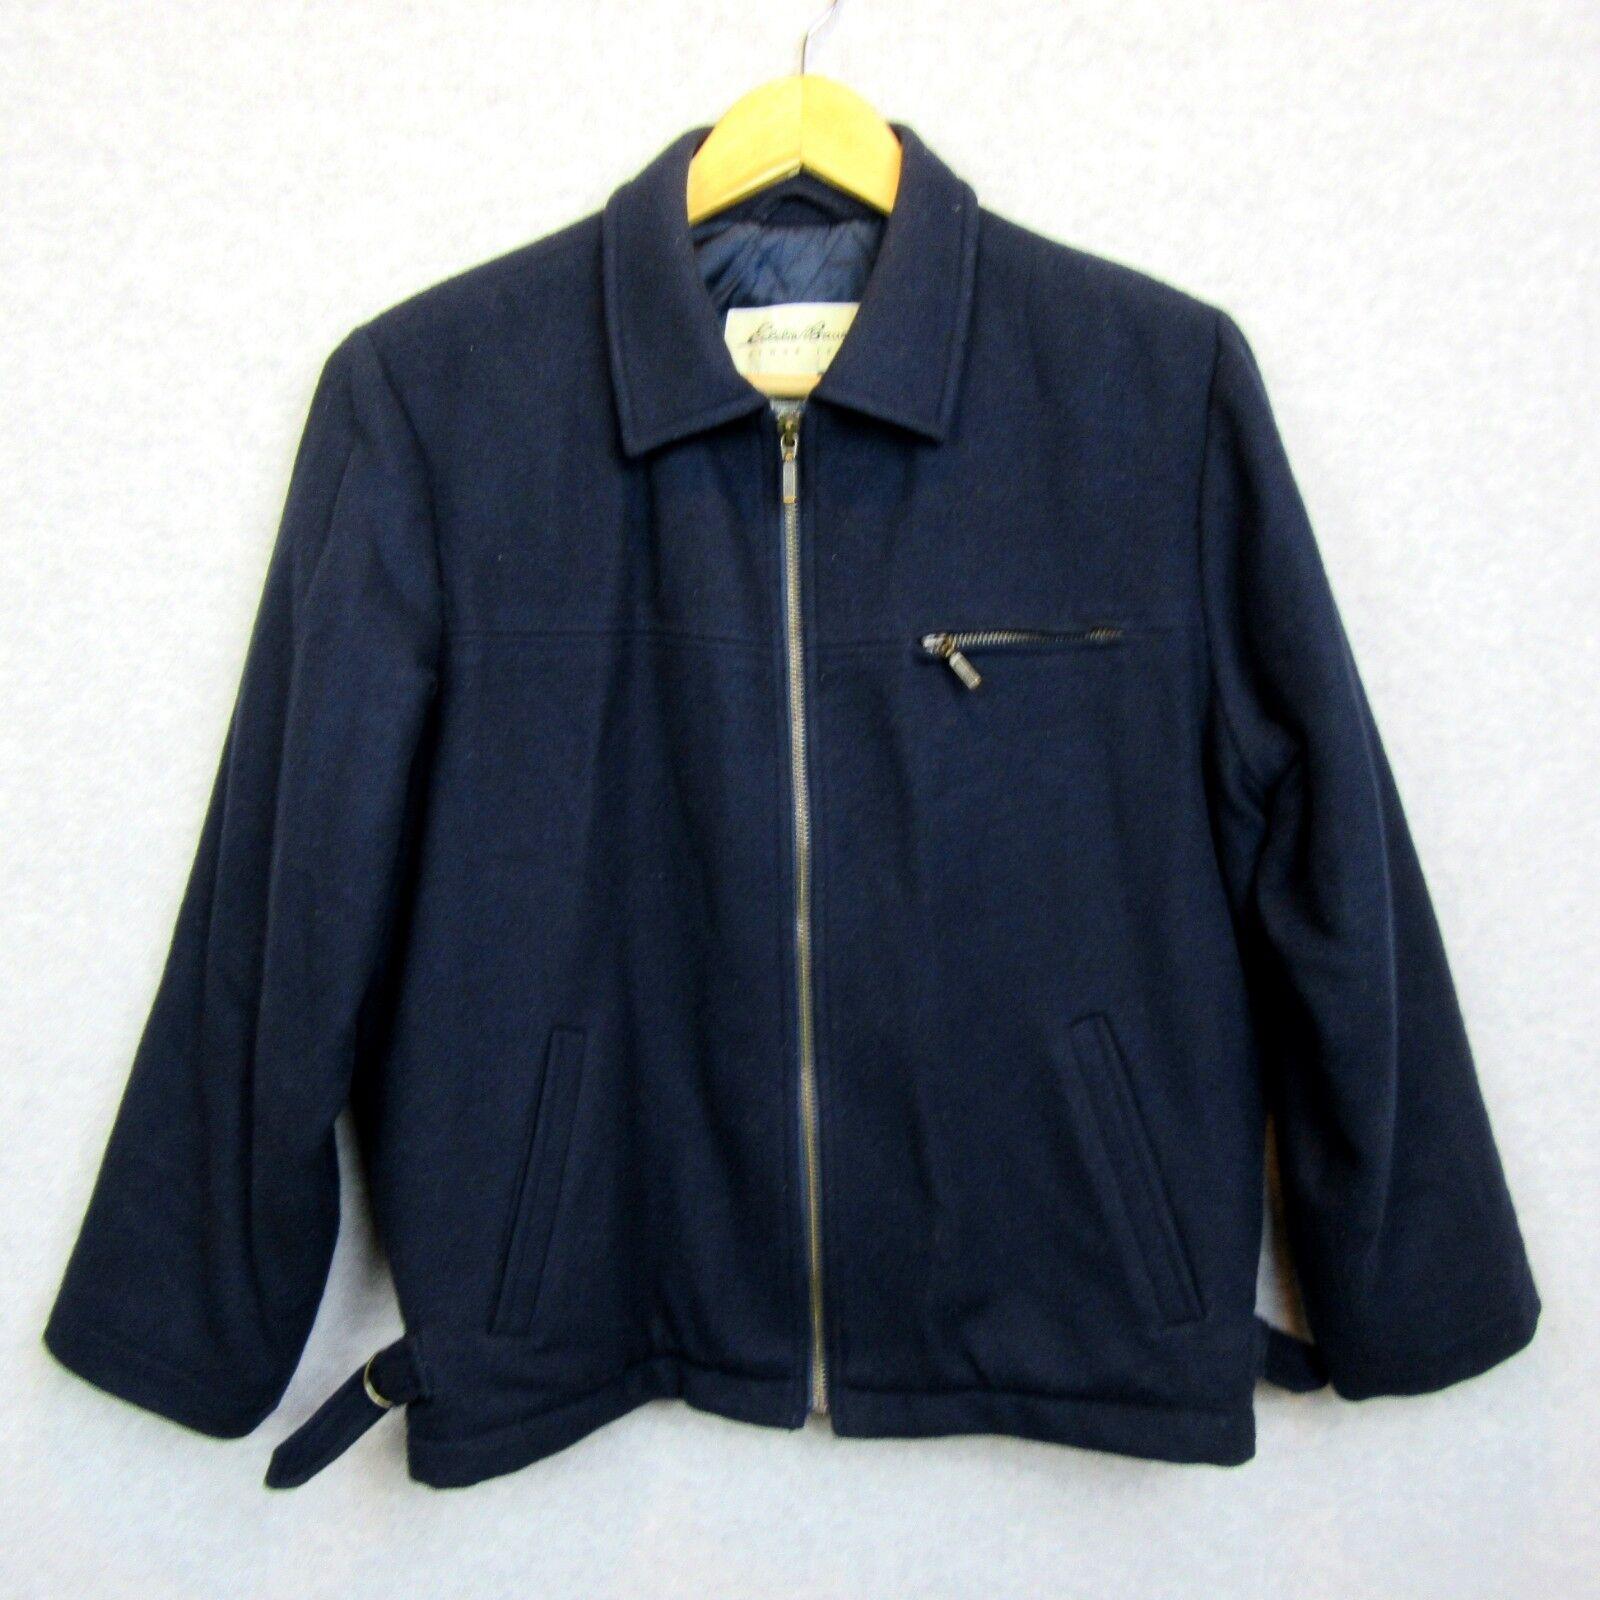 Eddie Bauer Mens Coat Size XS 100% Wool Medium Weight Navy bluee EUC